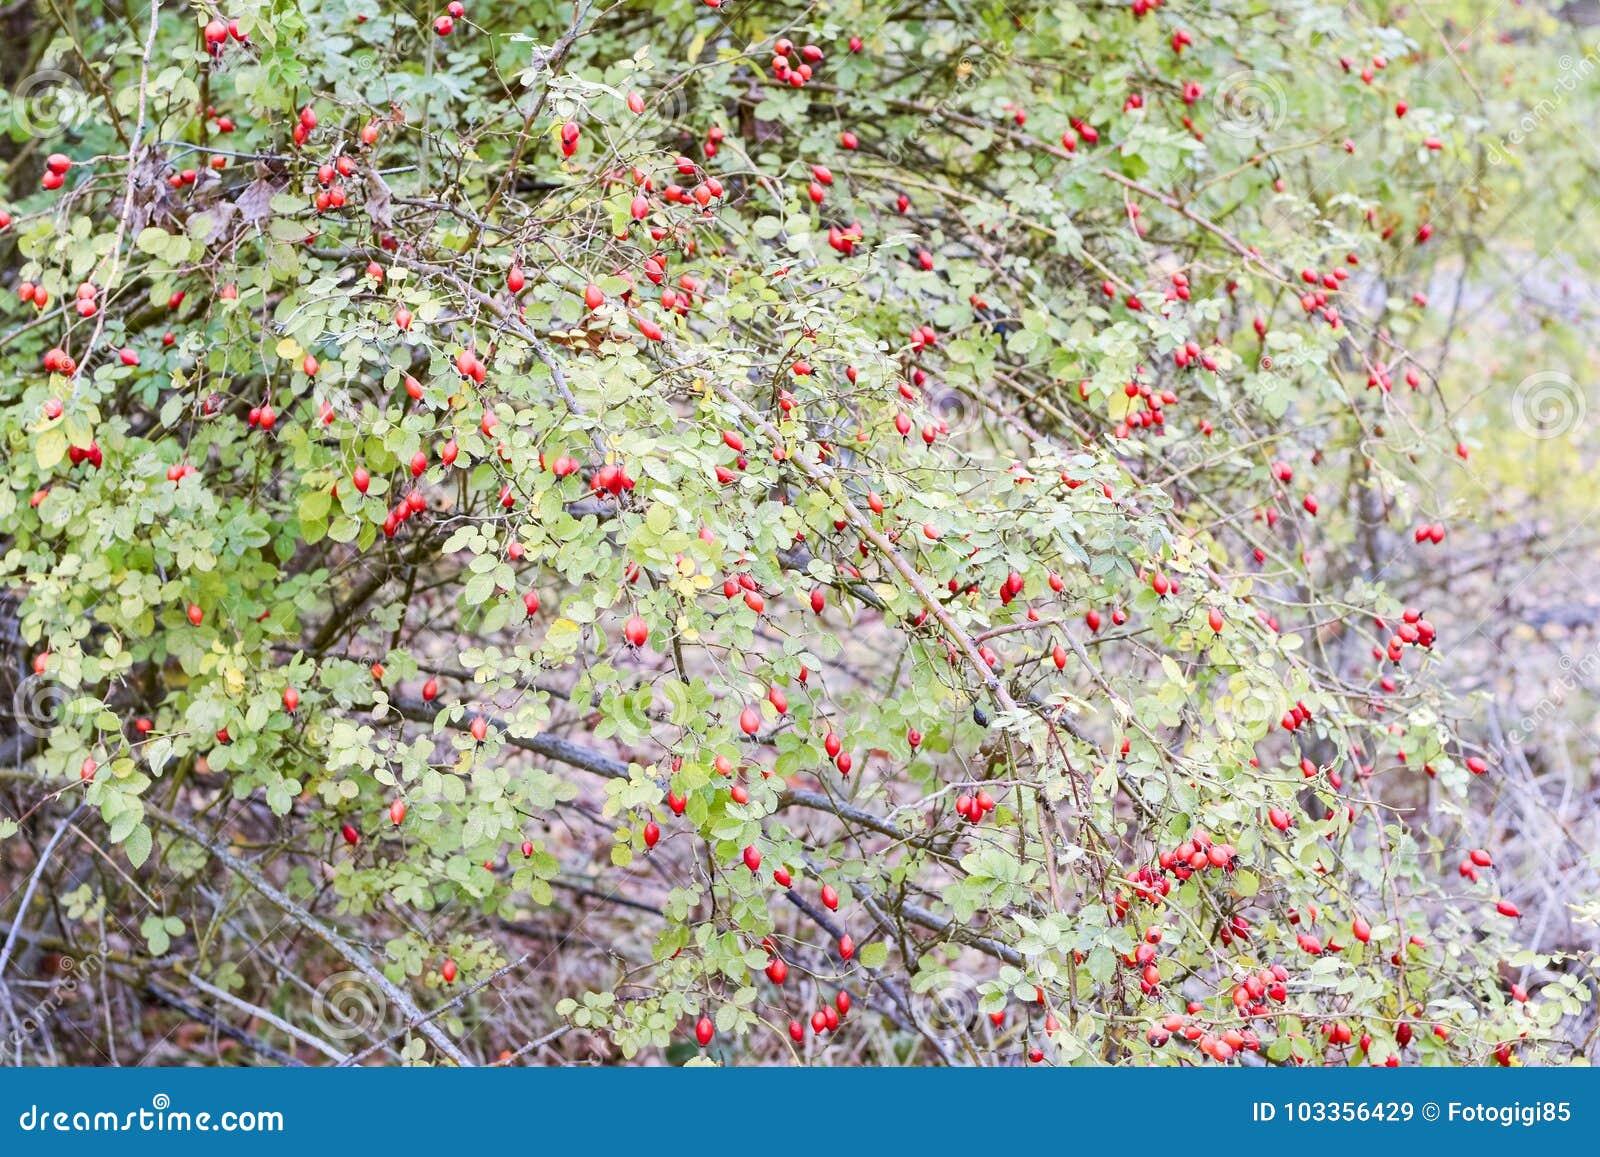 Бедра bush с зрелыми ягодами Ягоды dogrose на кусте Плодоовощи одичалых роз Терновое dogrose красный цвет вальм поднял